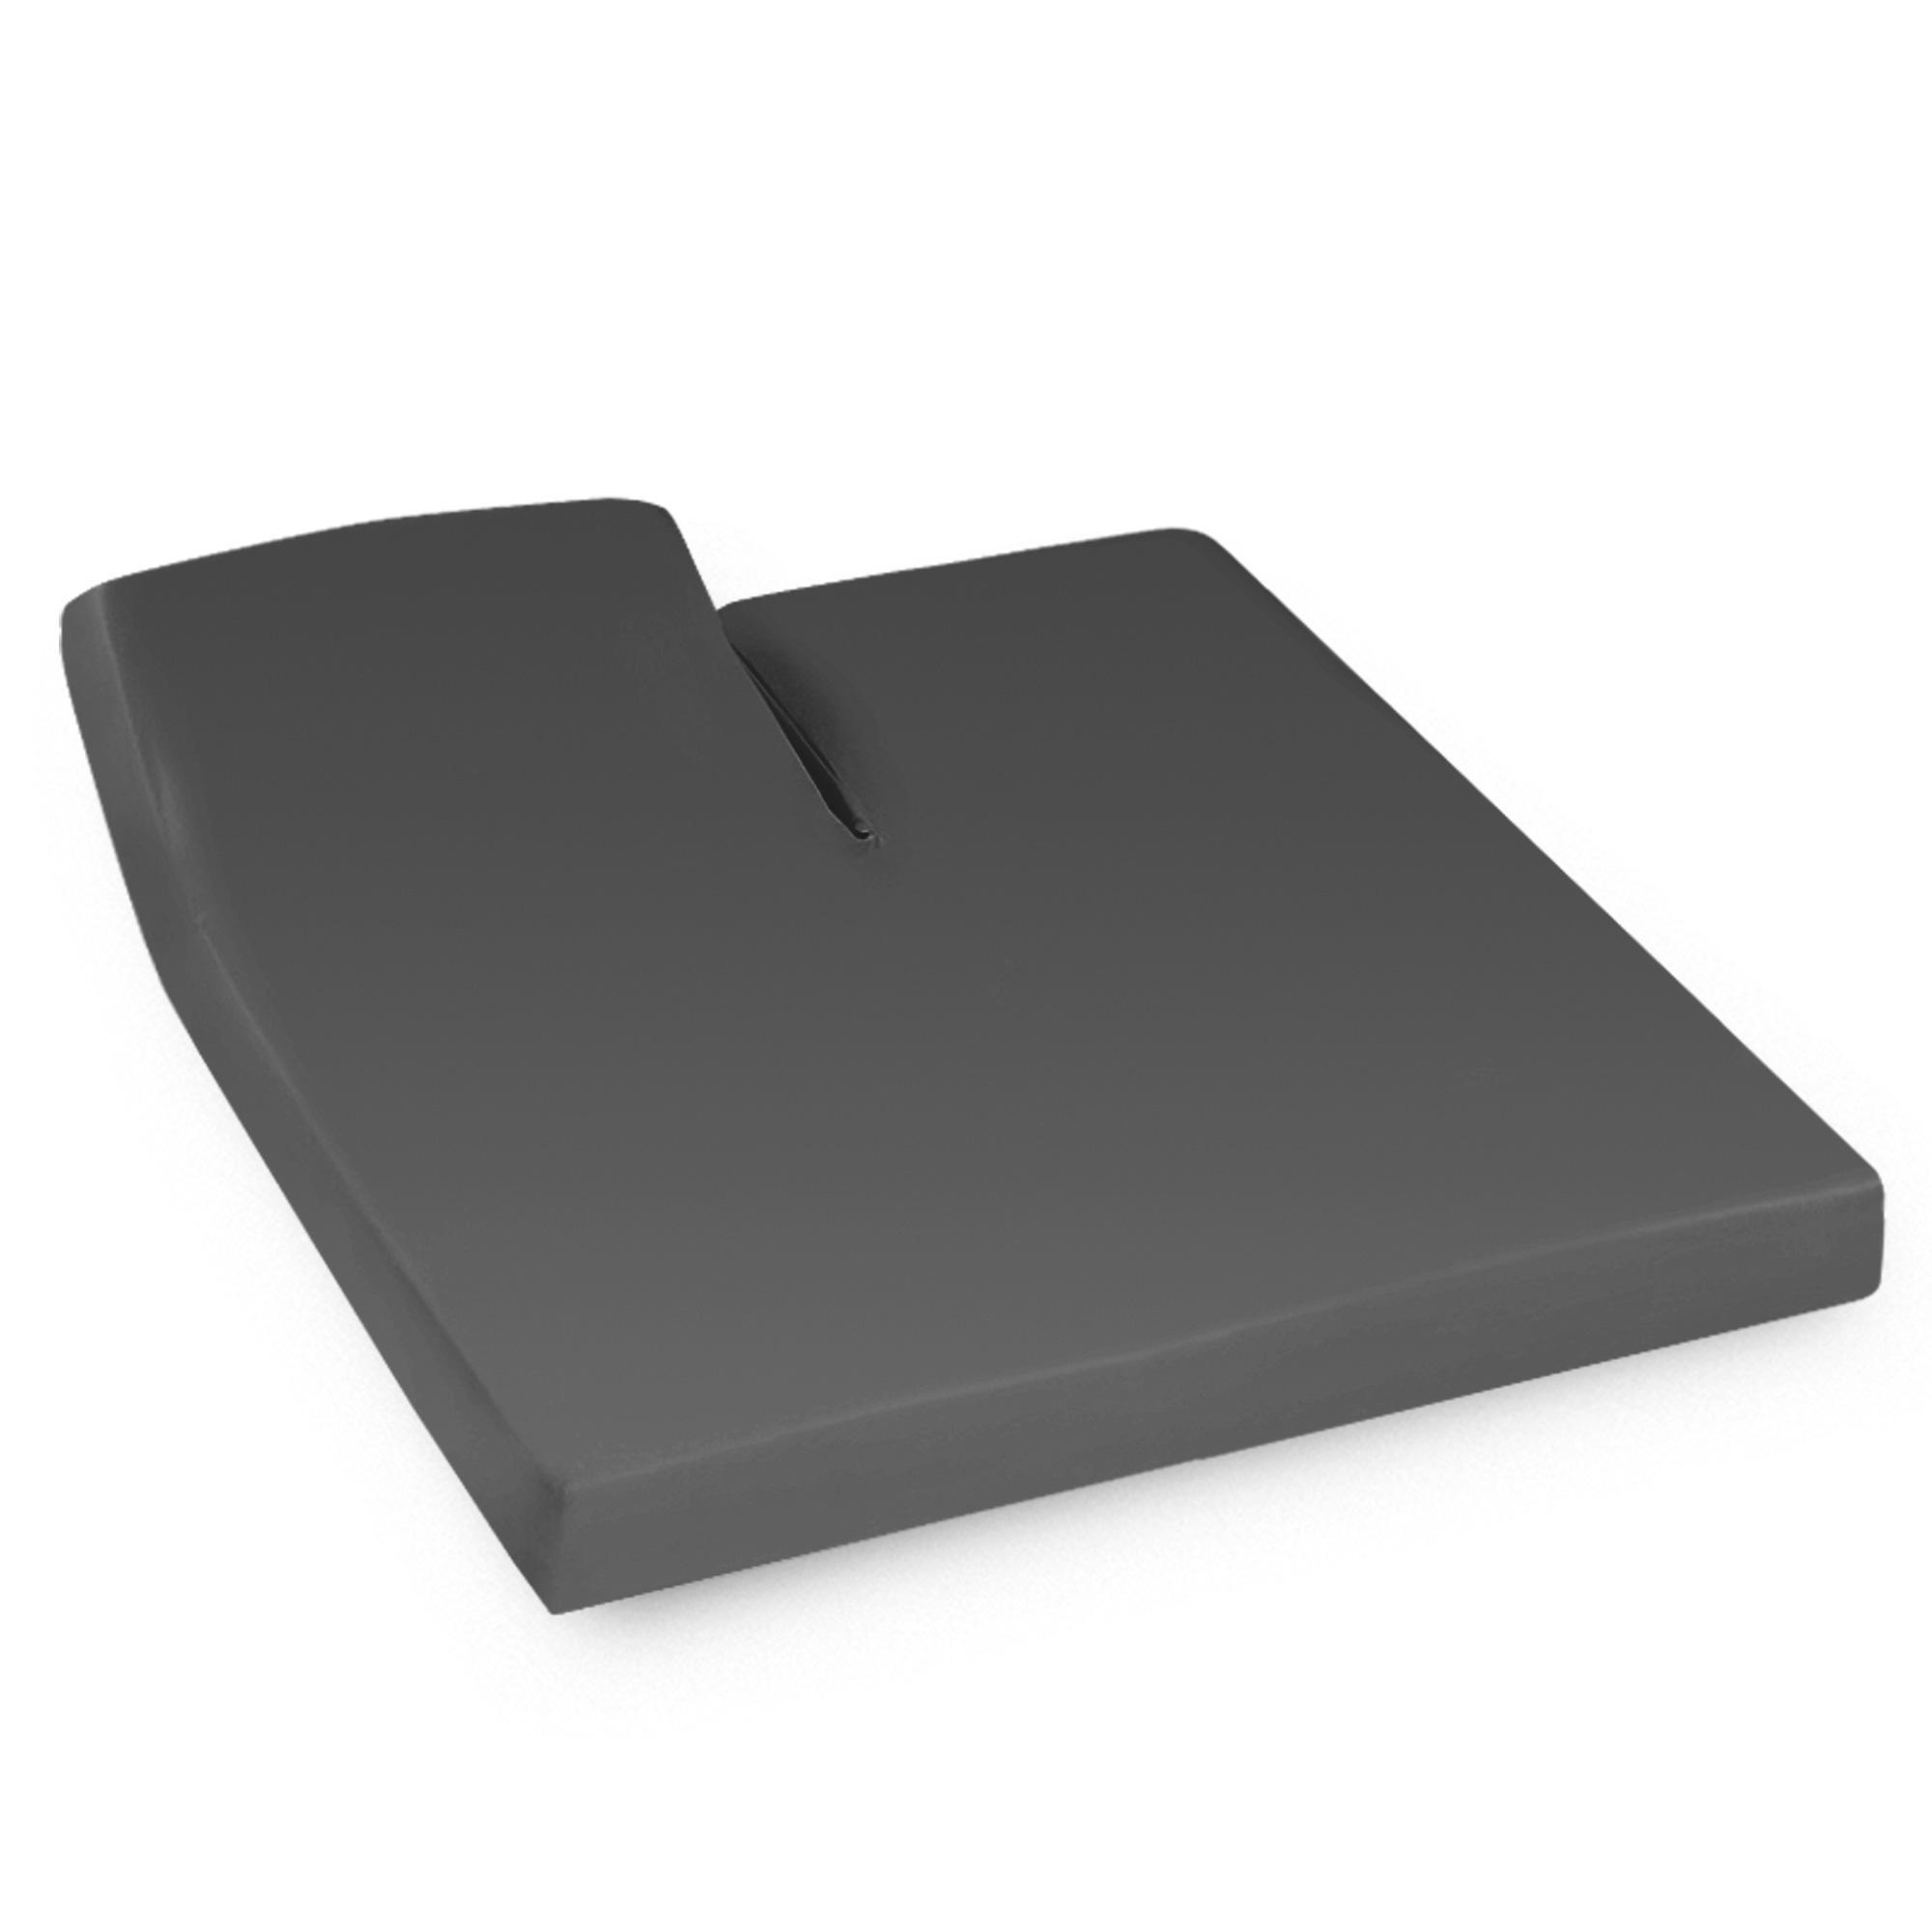 Drap housse relaxation 2x80x190cm uni pur coton alto gris for Drap housse 80 x 190